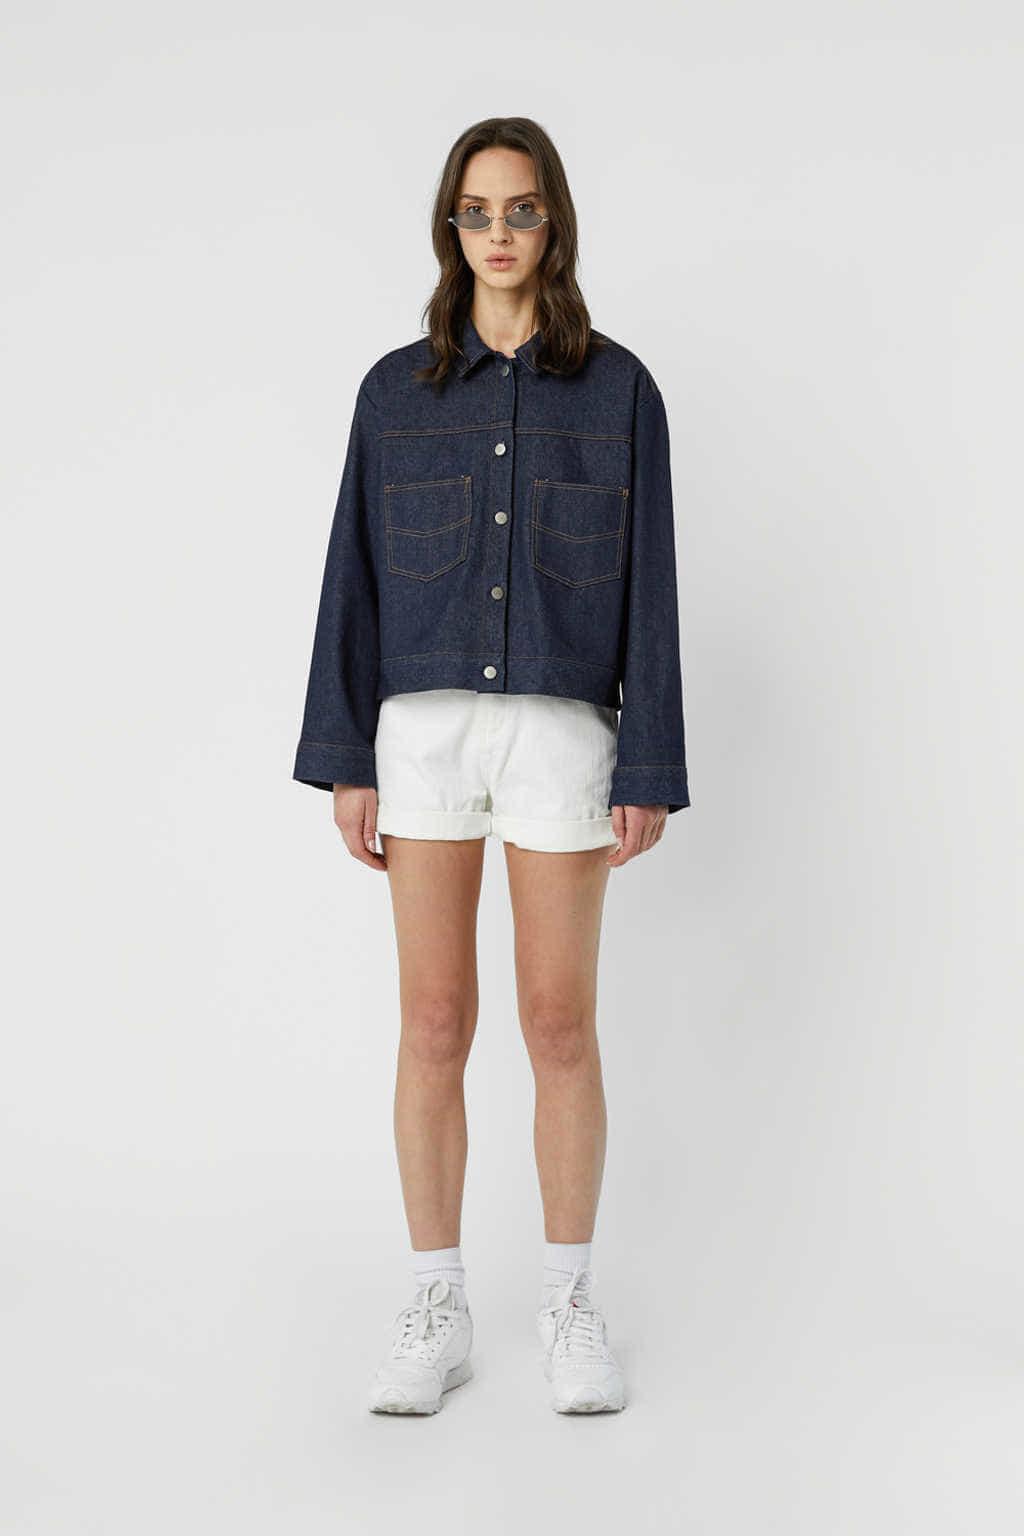 Jacket J010 Indigo 2